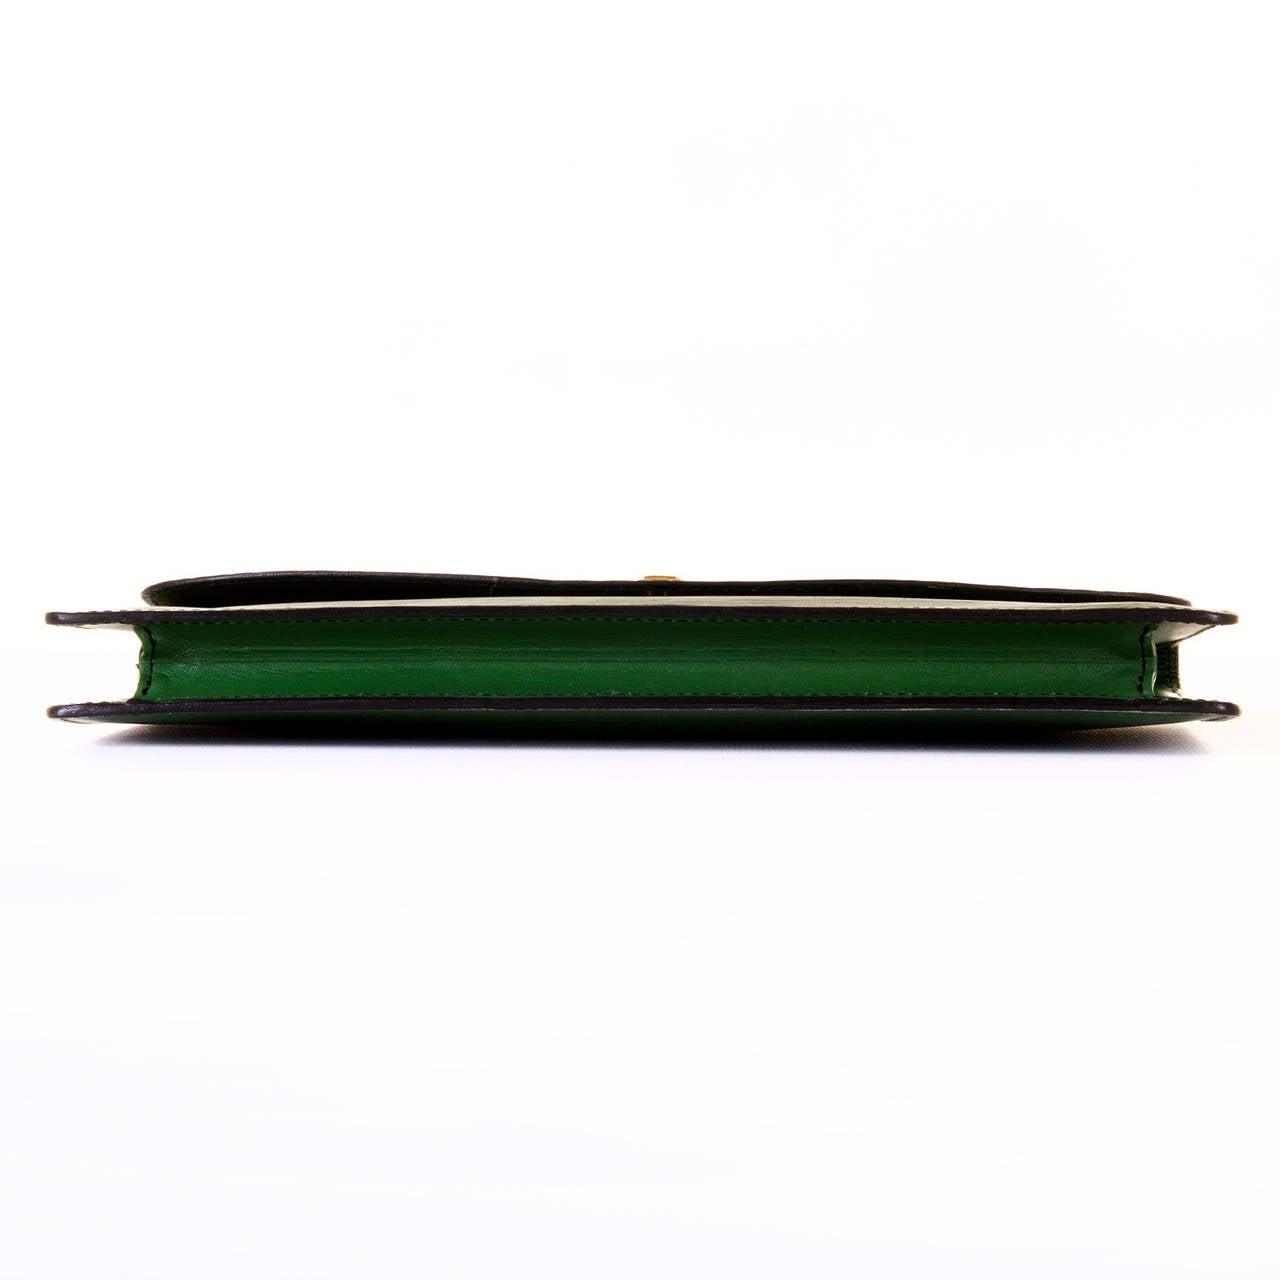 Louis Vuitton 'Menthe' Epi-Leather Clutch Bag 4